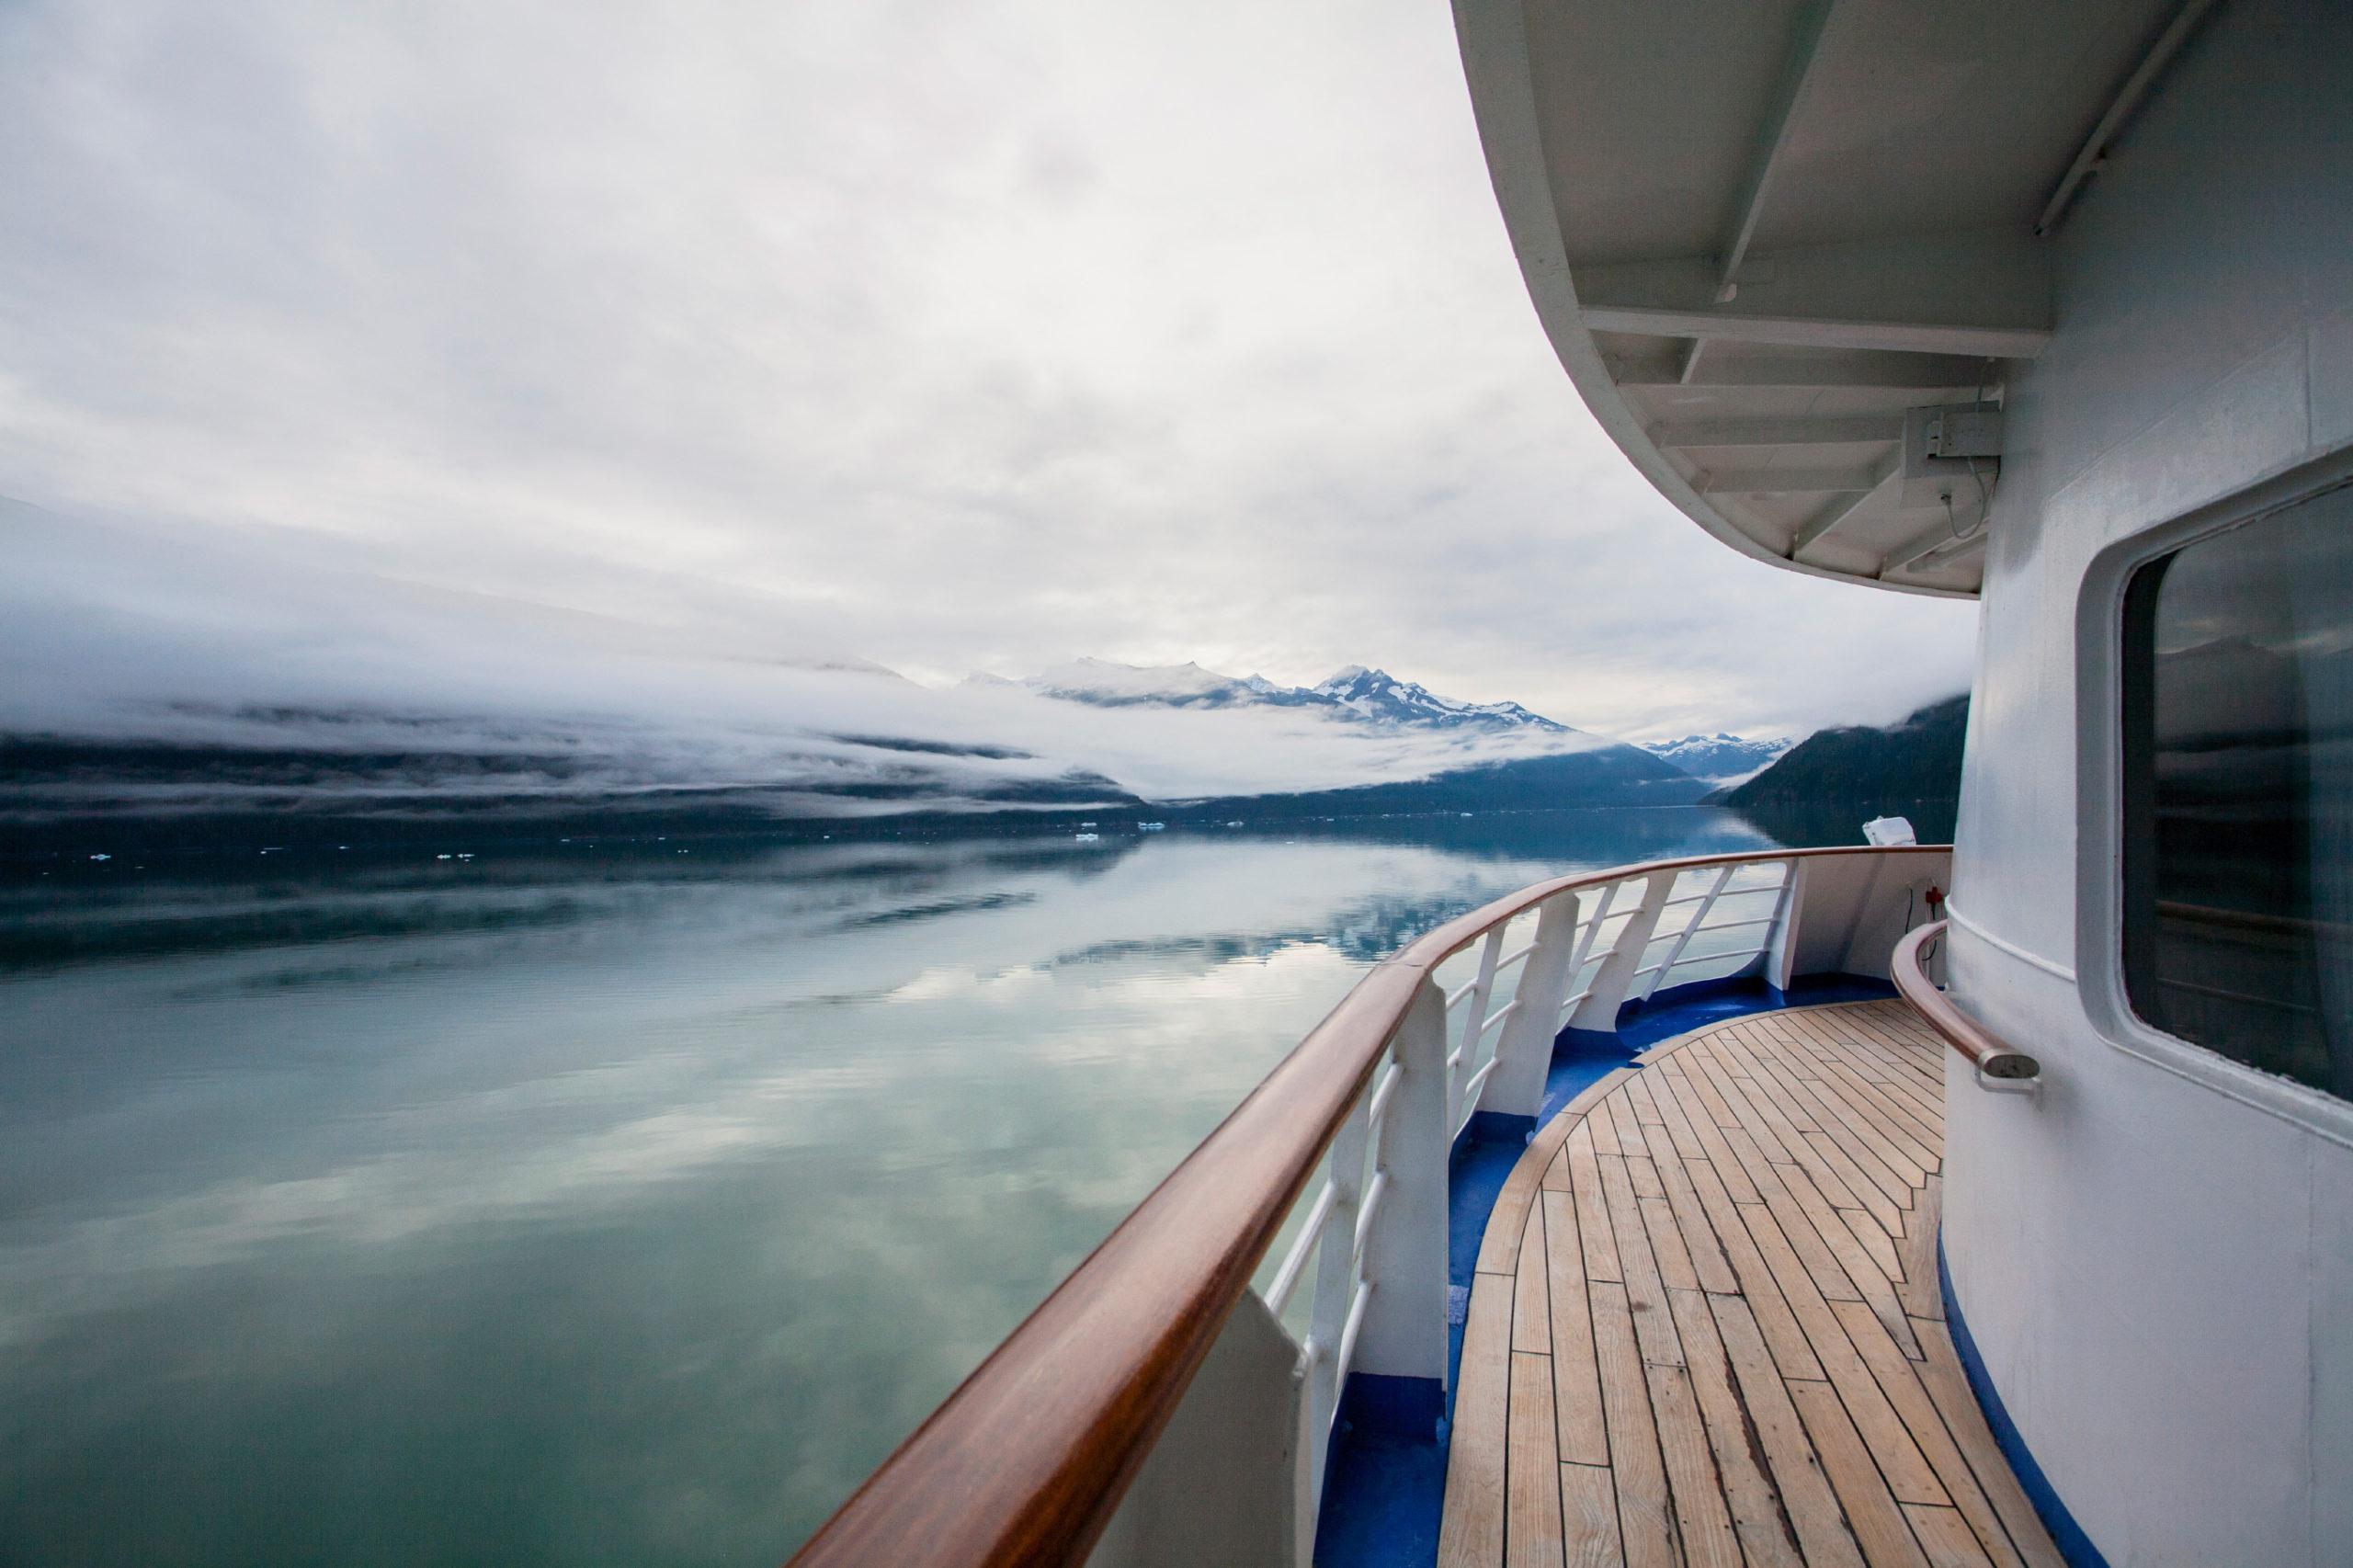 Alaska cruise boat